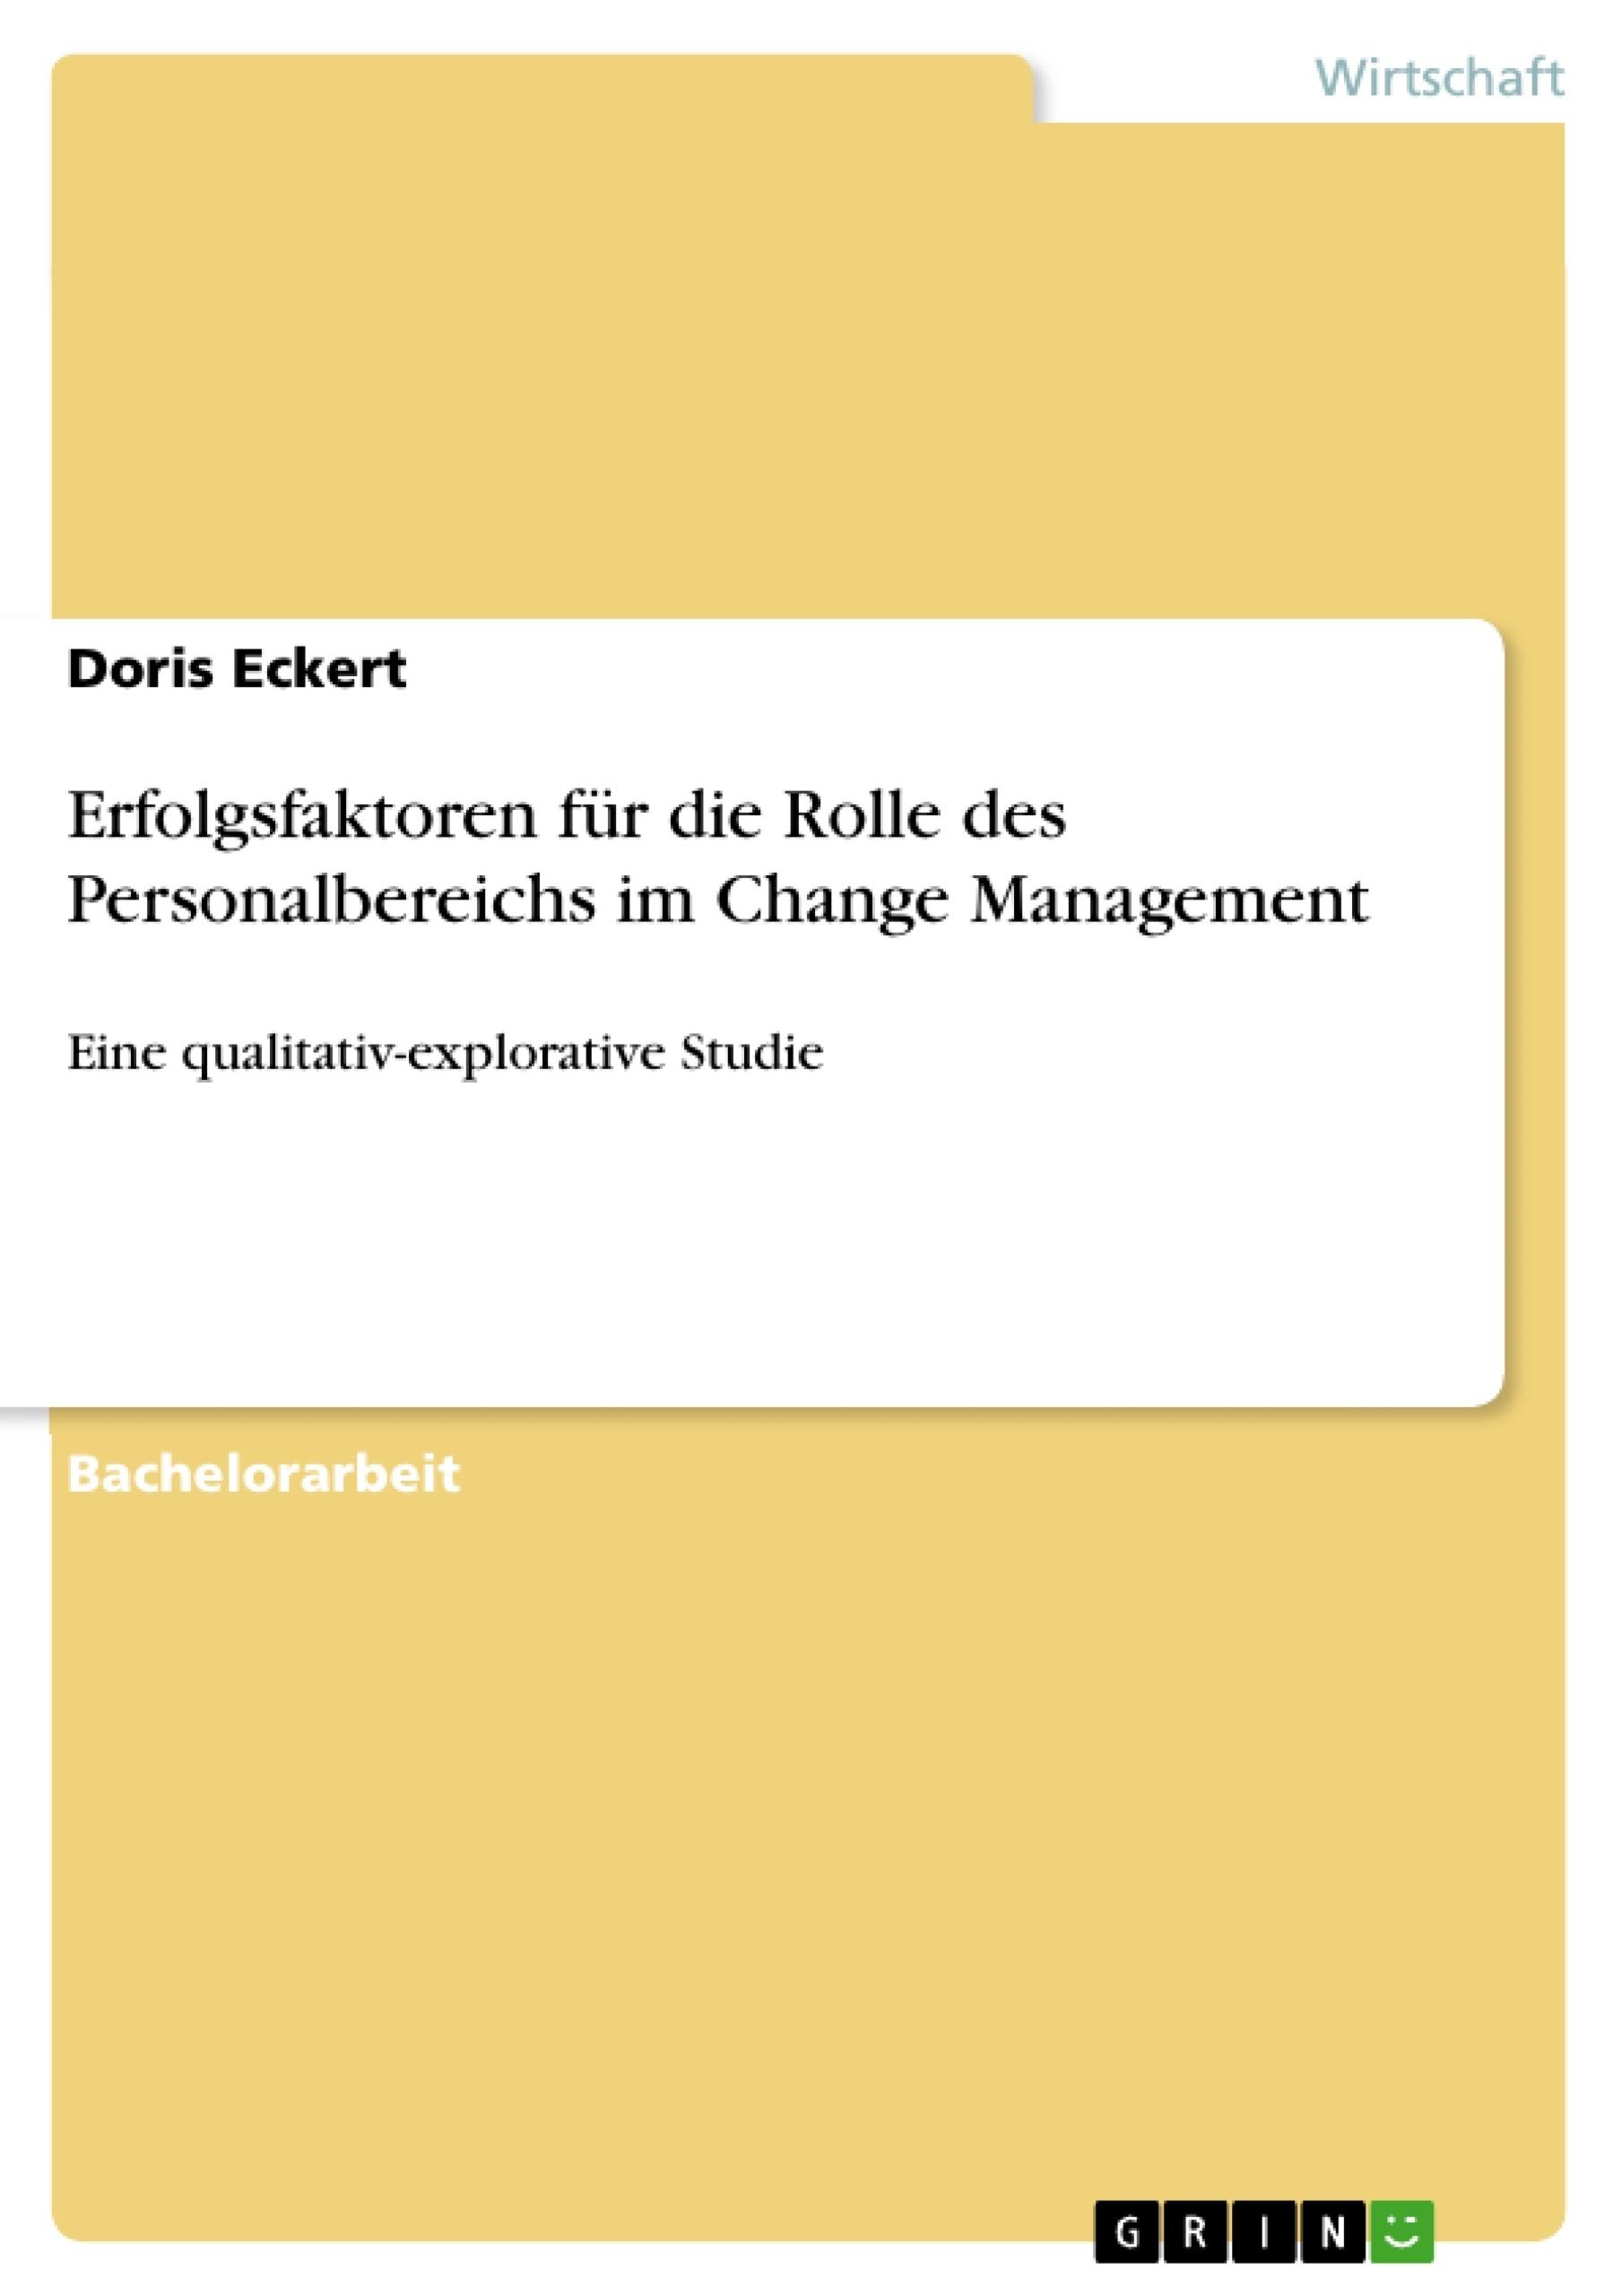 Titel: Erfolgsfaktoren für die Rolle des Personalbereichs im Change Management